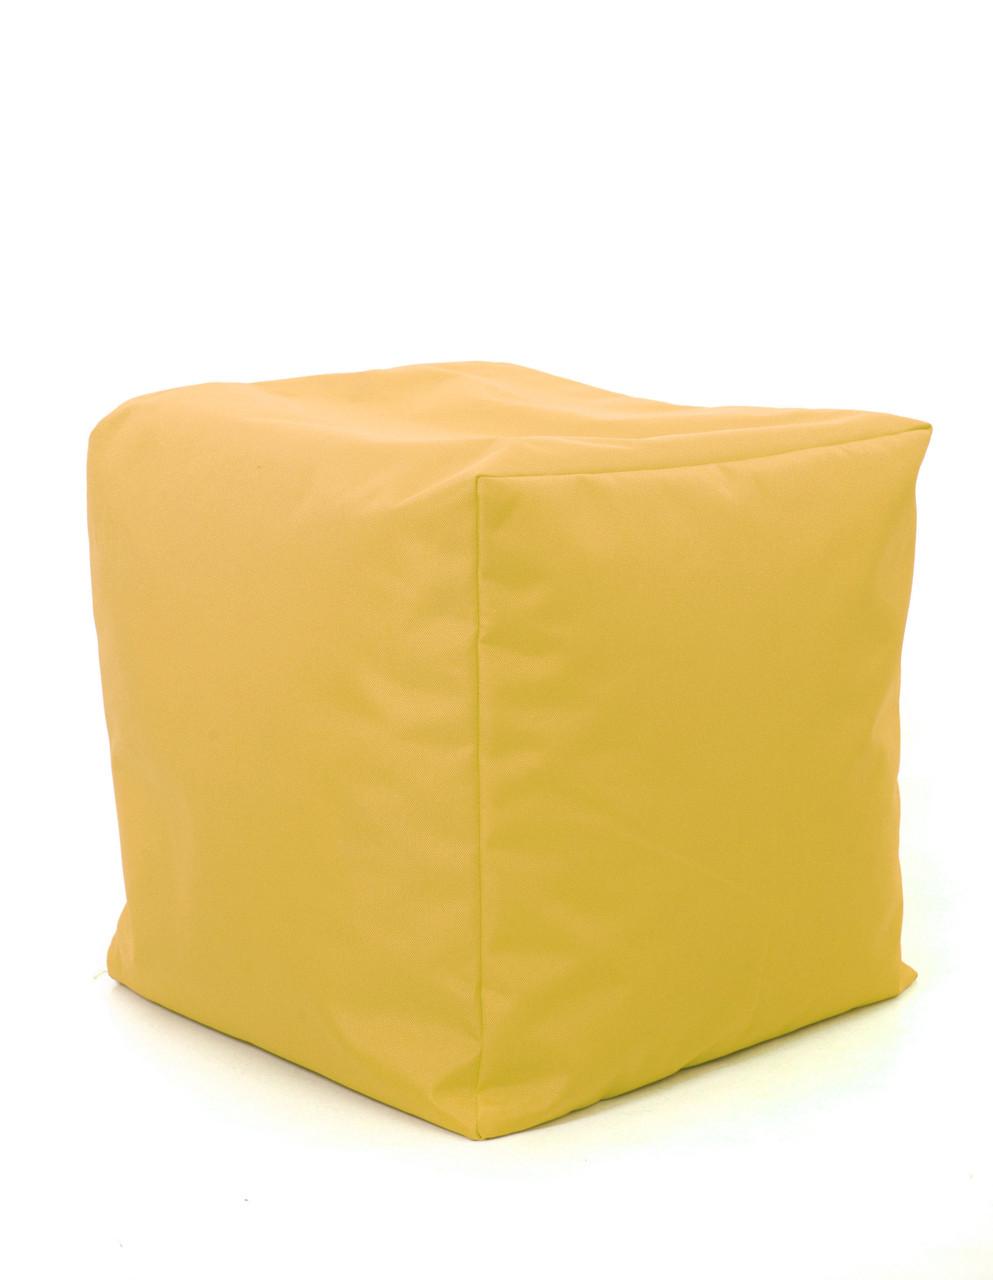 Пуф куб Оксфорд 40х40х40 см, желтый